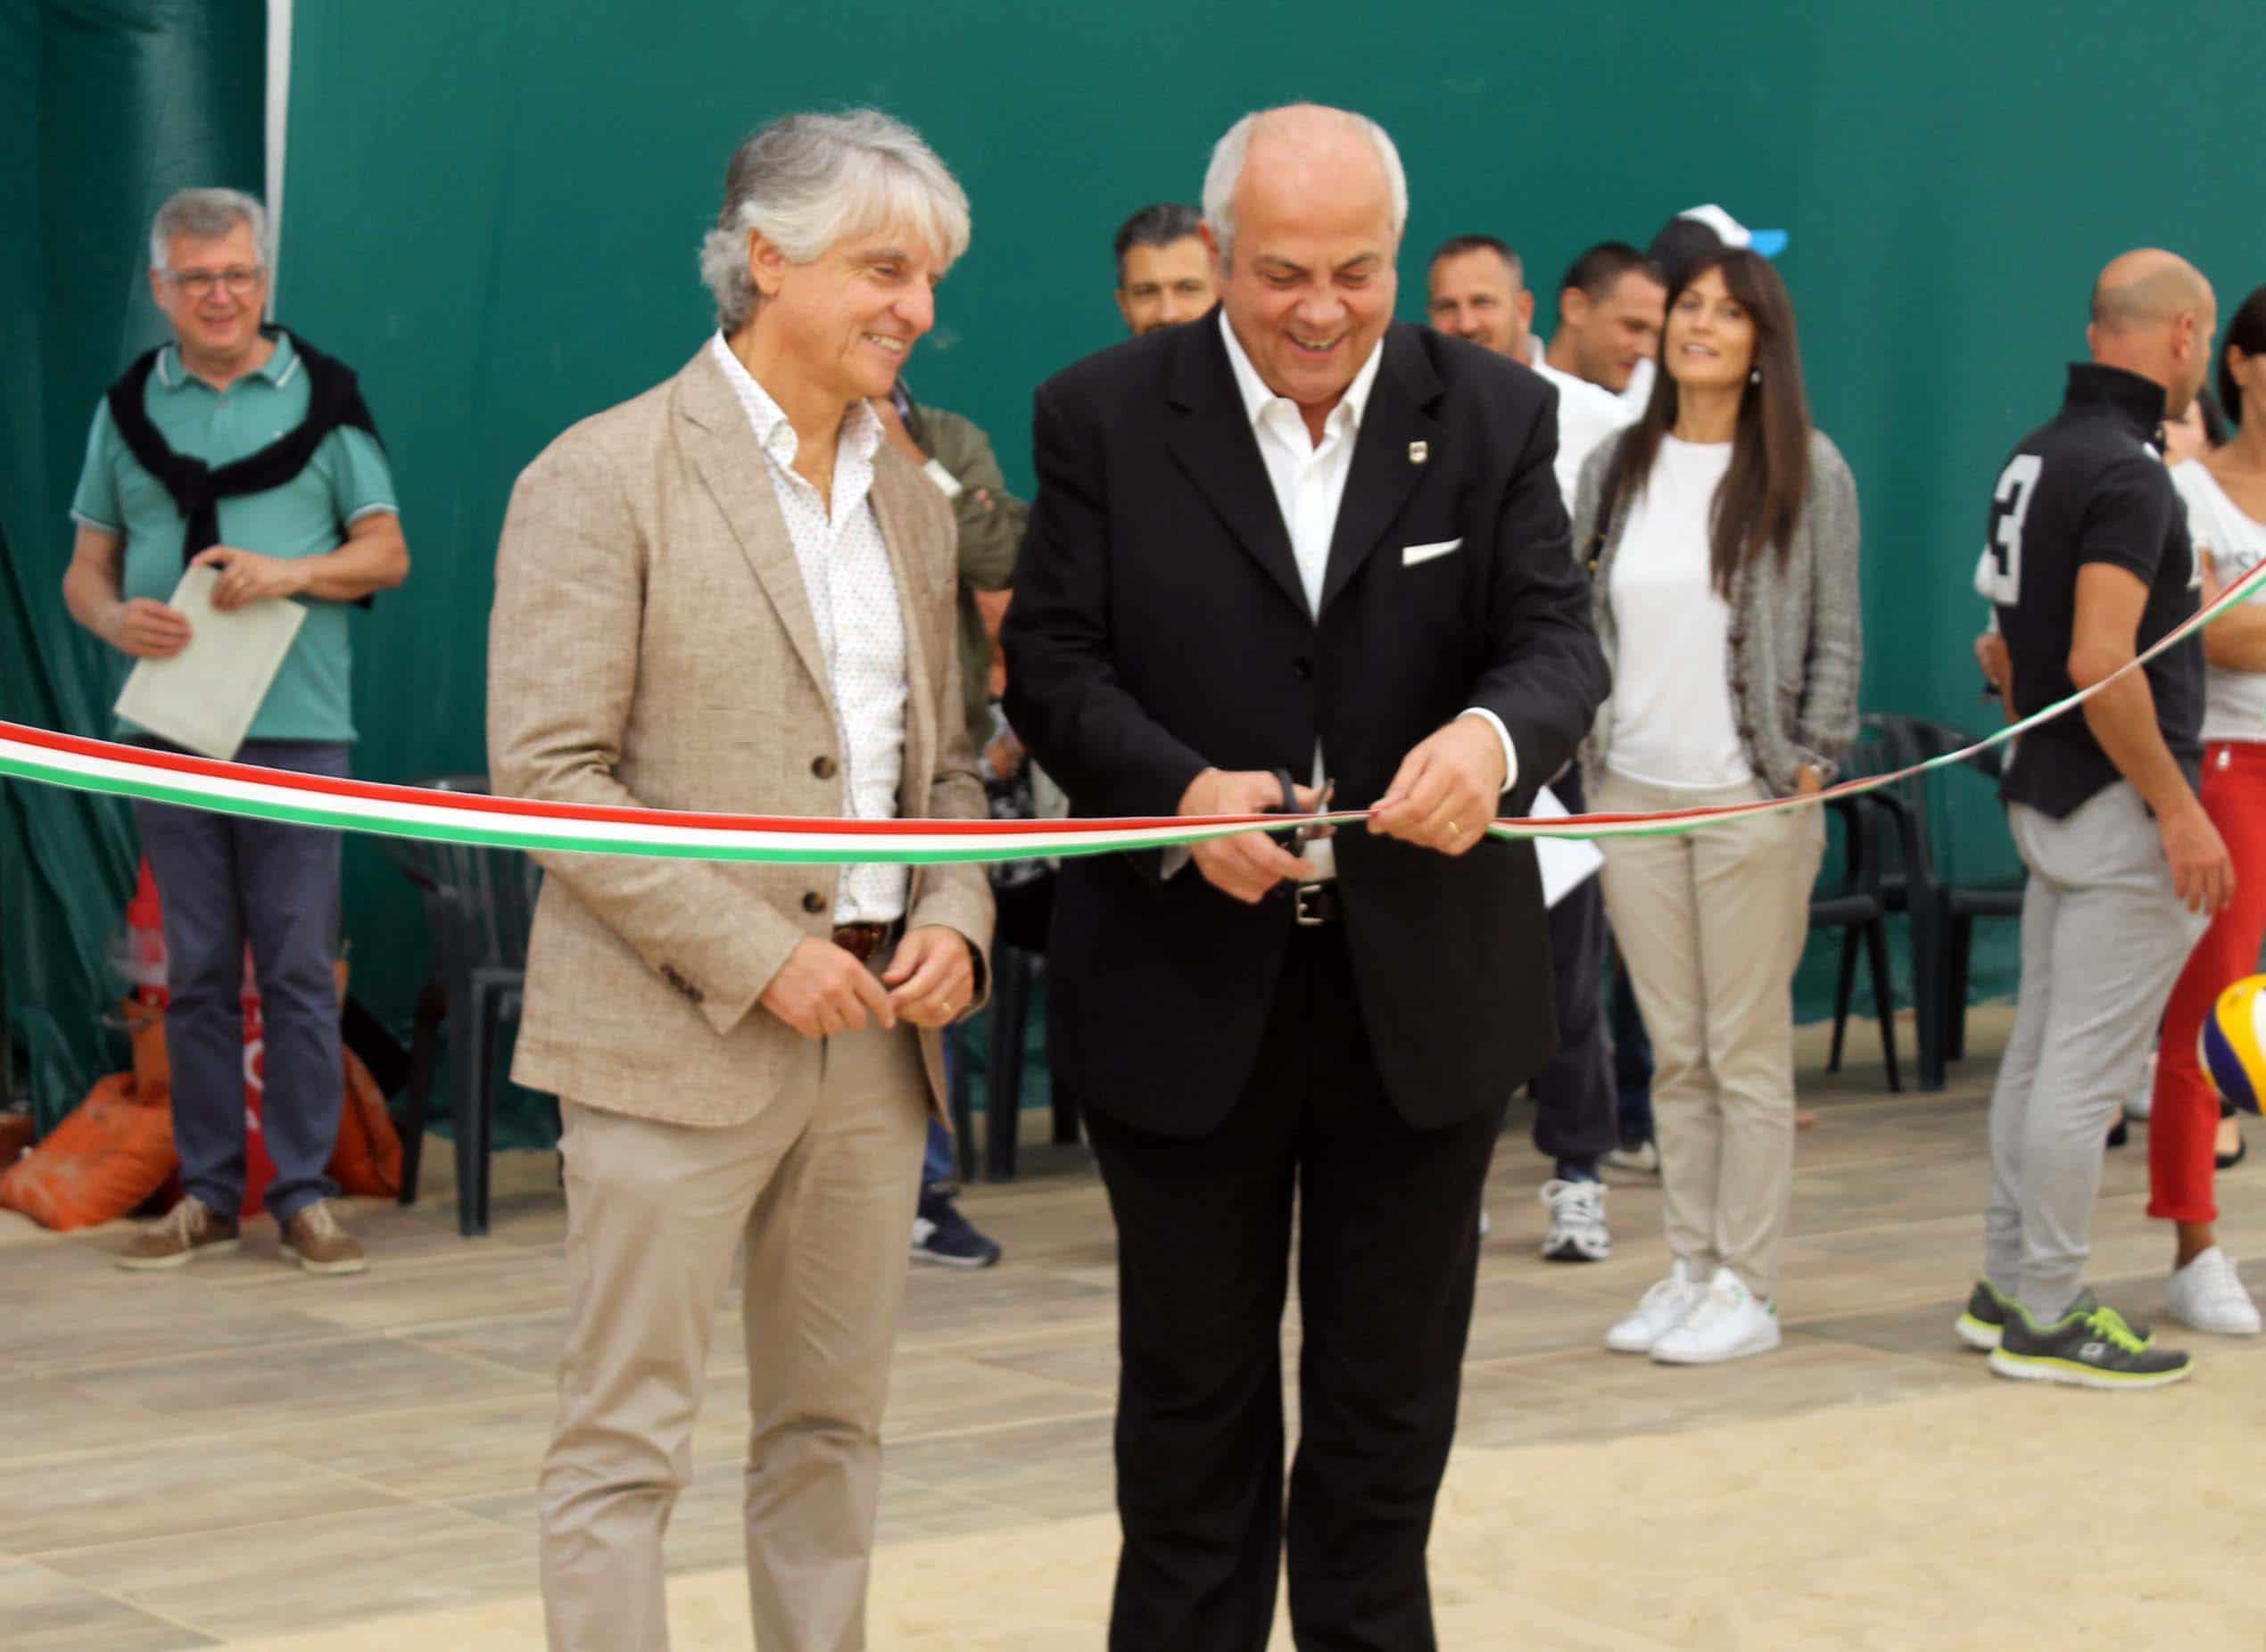 Photo of Sansepolcro inaugura l'impianto dedicato agli sport su sabbia